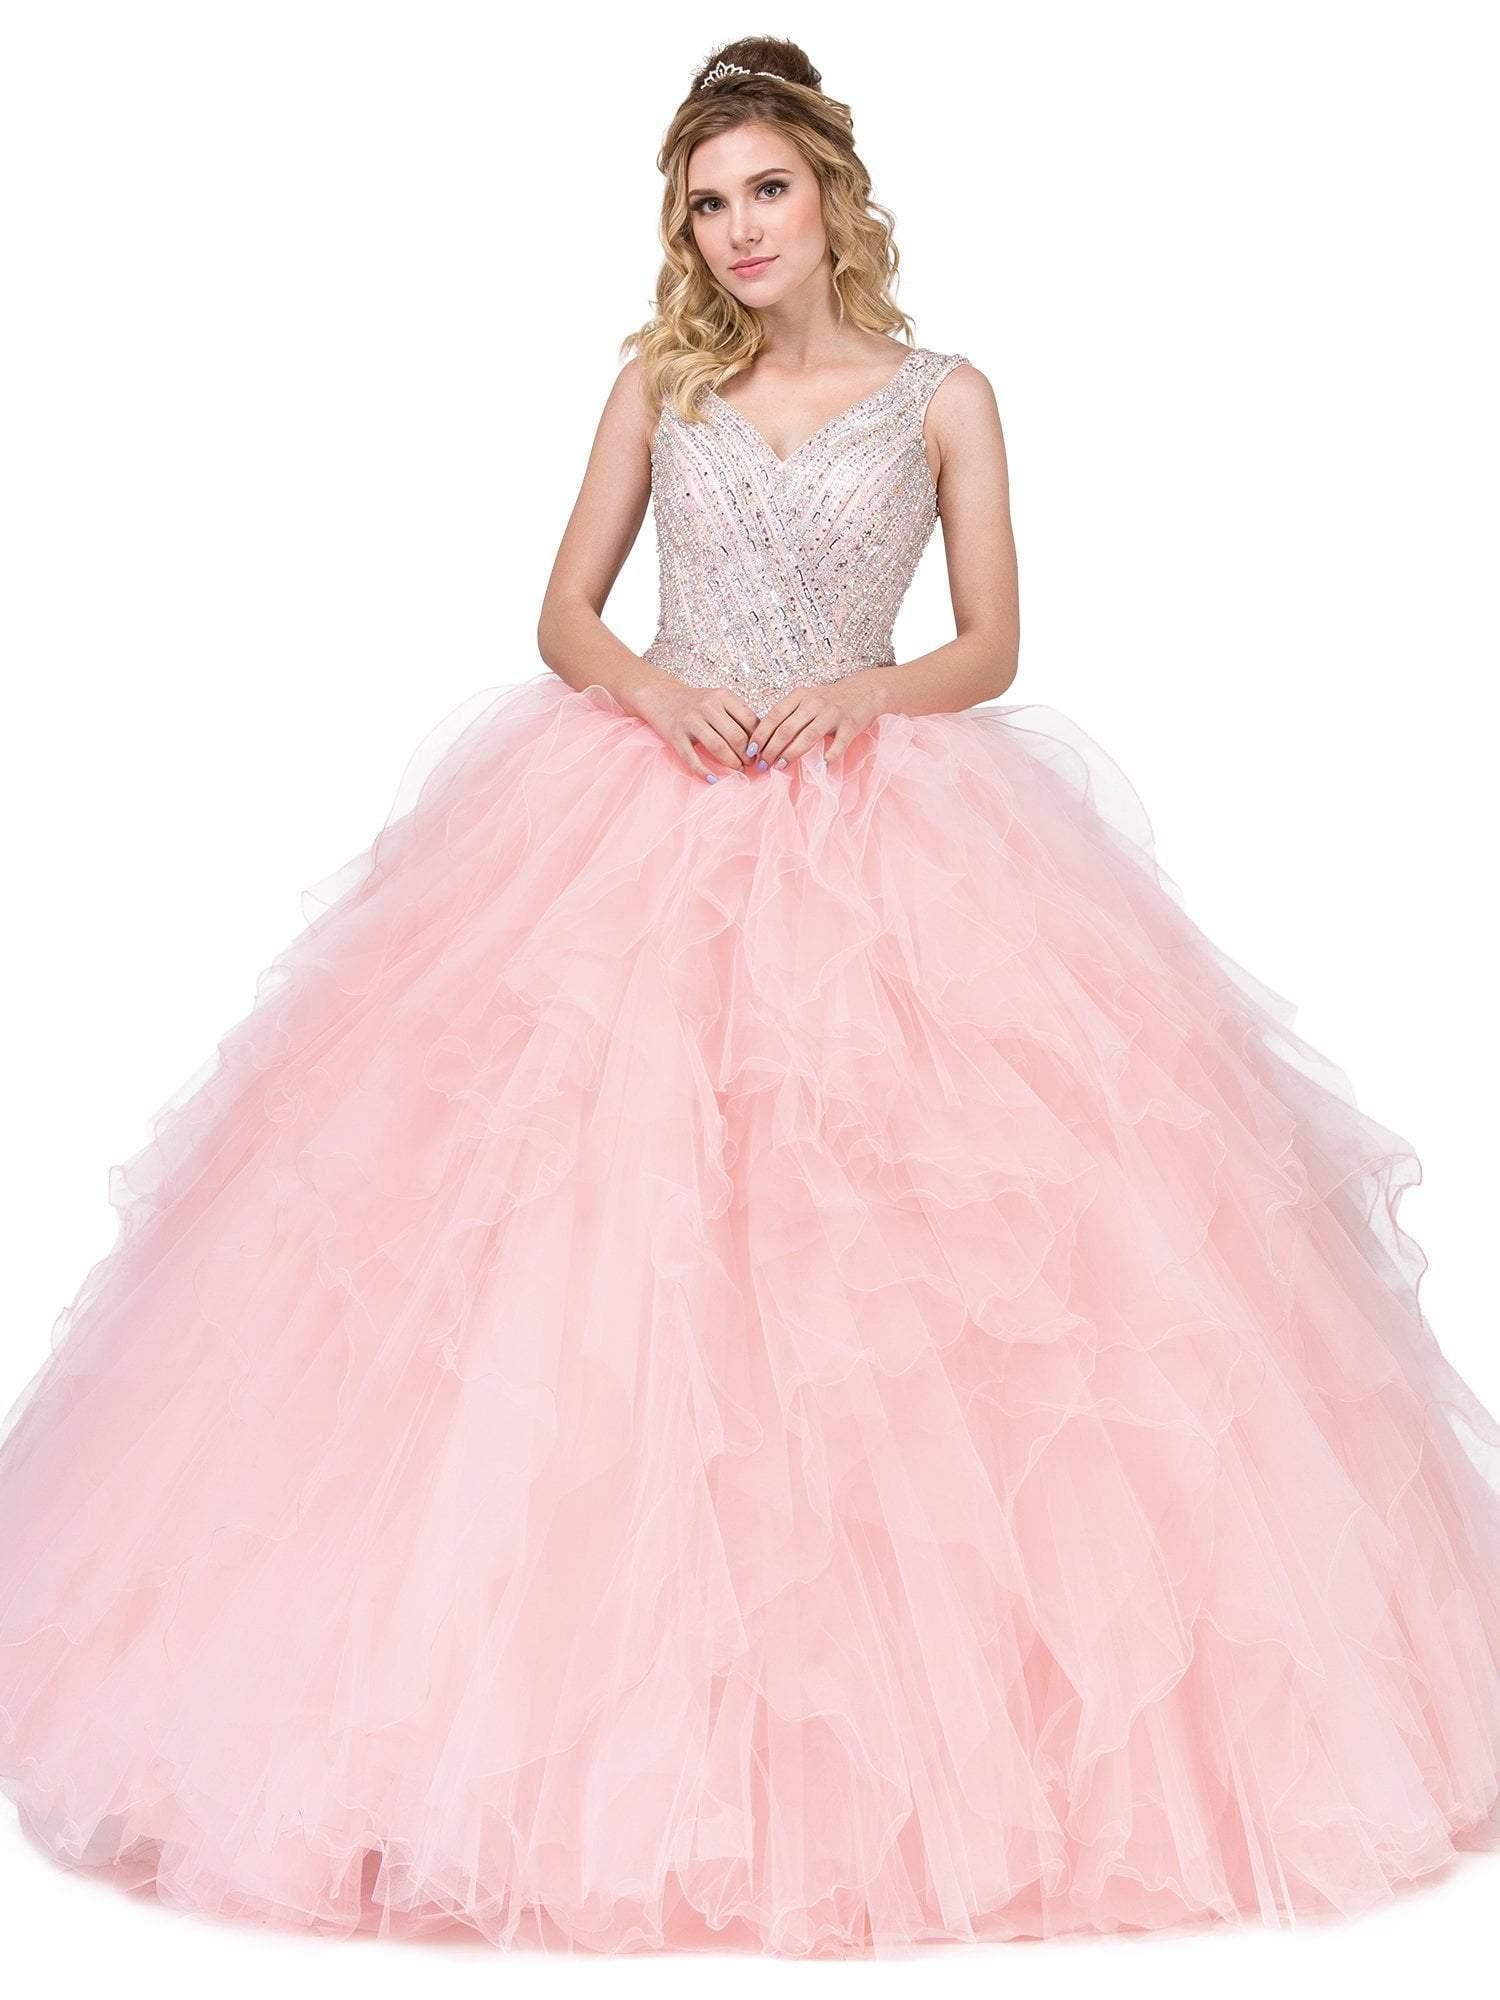 Dancing Queen - 1273 Crystal Adorned Cap Sleeve Quinceanera Ballgown